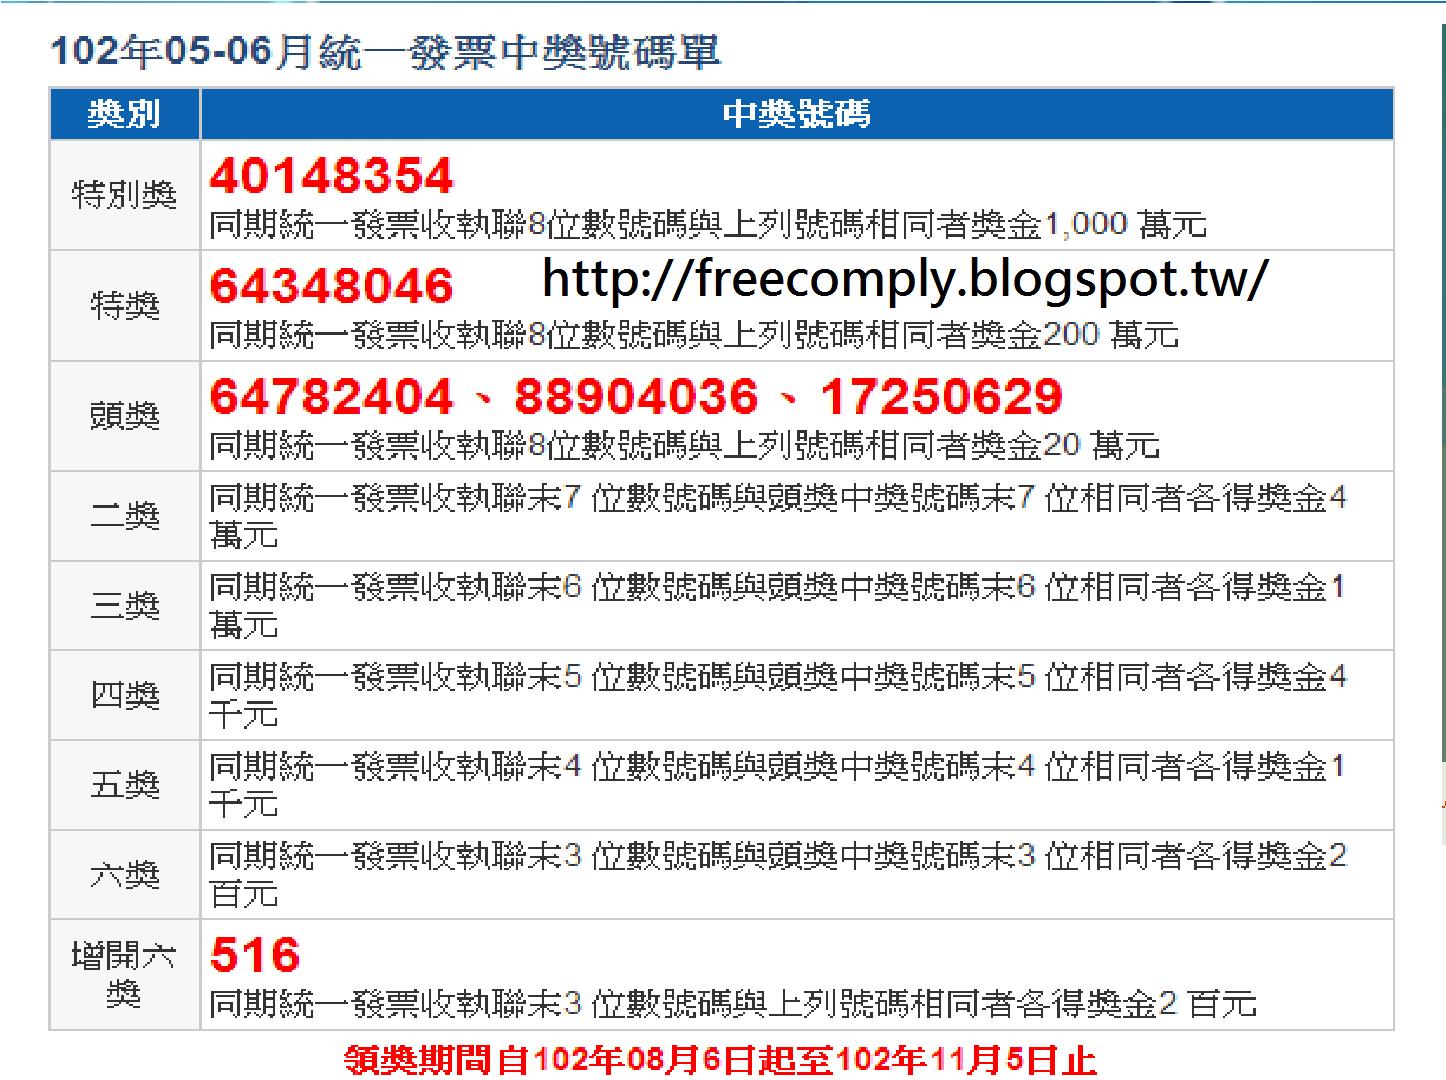 免費軟體資訊: 統一發票5 6月2013中獎號碼